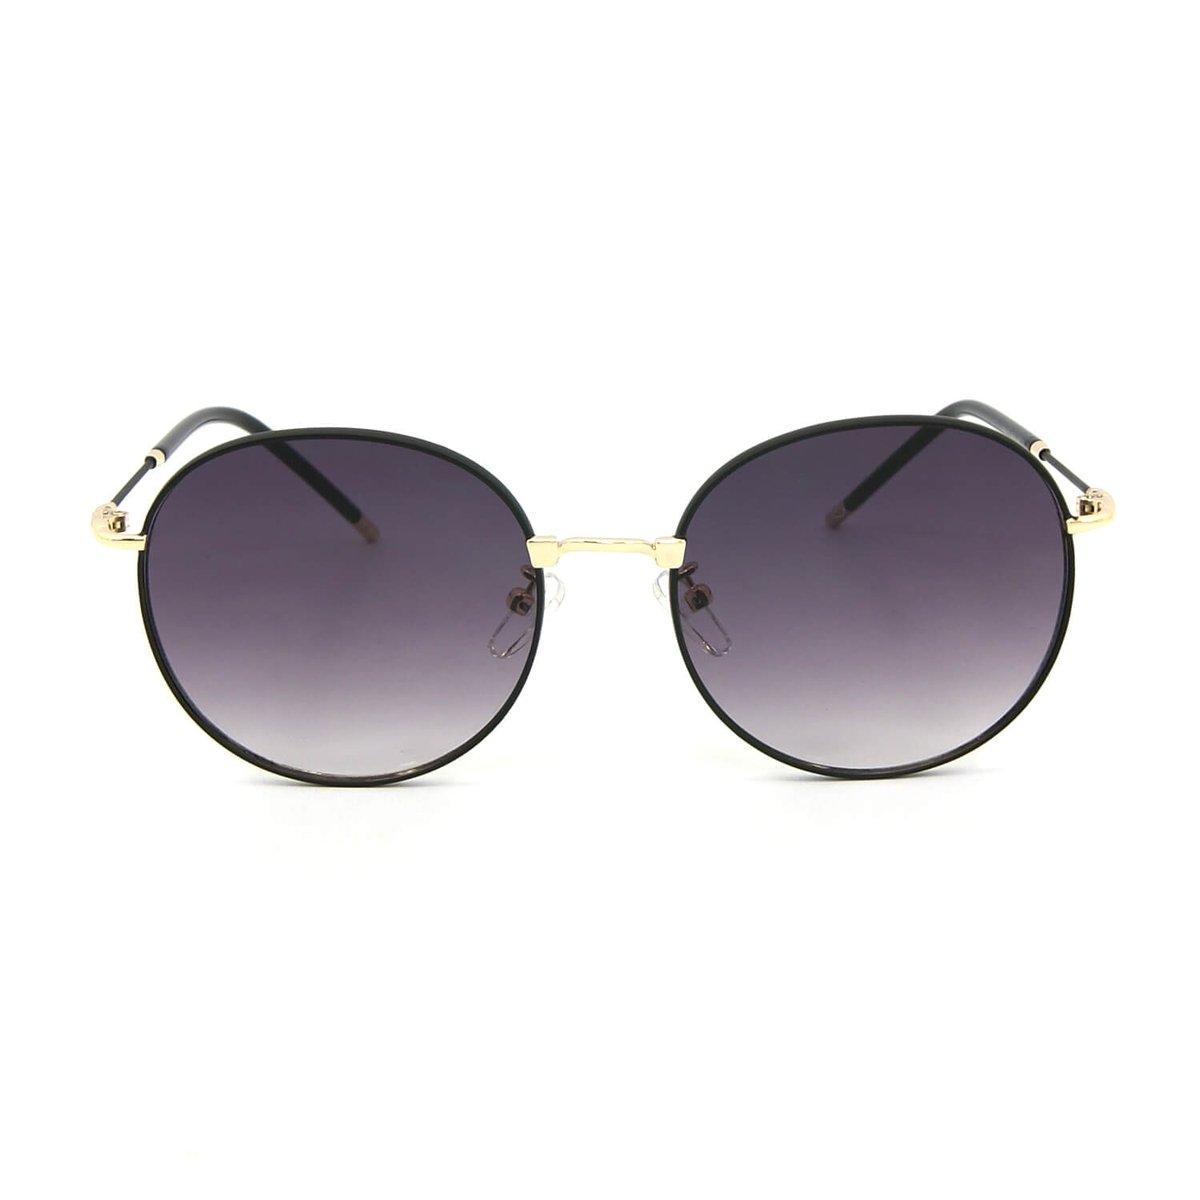 Óculos de Sol Classic Redondo - Preto - Compre Agora   Zattini bd32c889e8